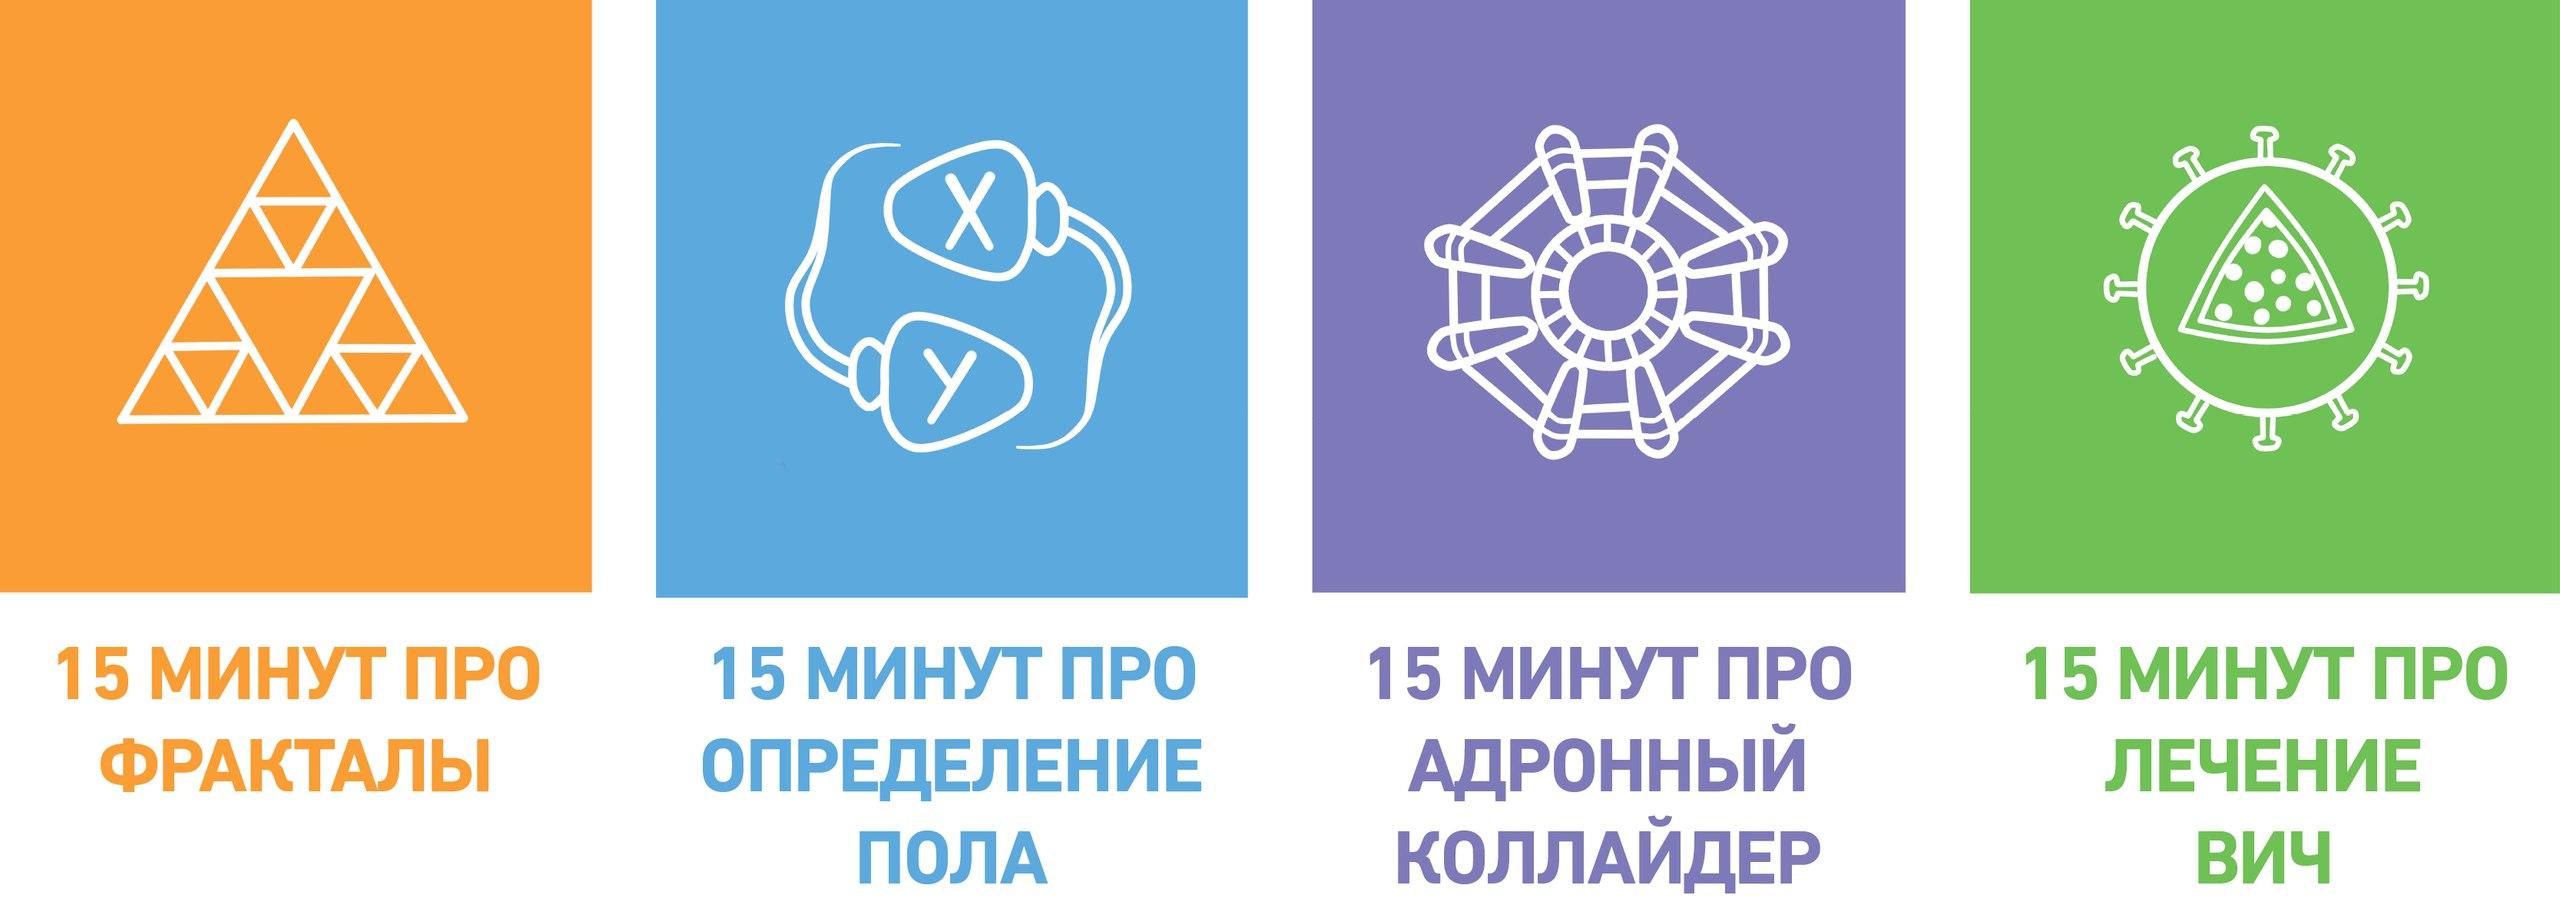 15x4 Москва.